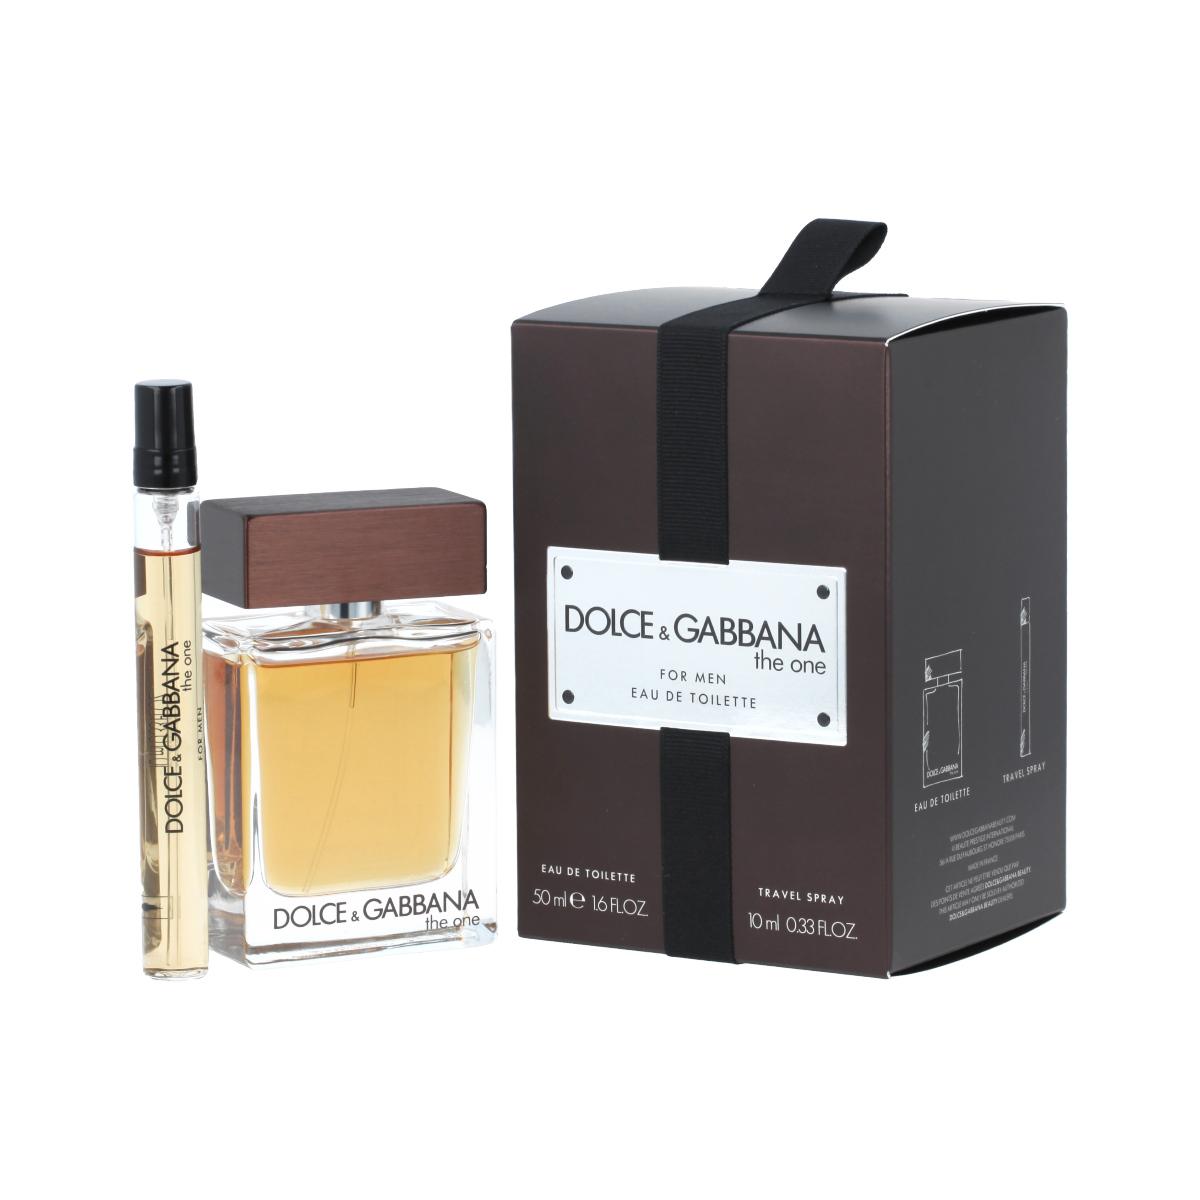 Dolce & Gabbana The One for Men EDT 50 ml + EDT MINI 10 ml M